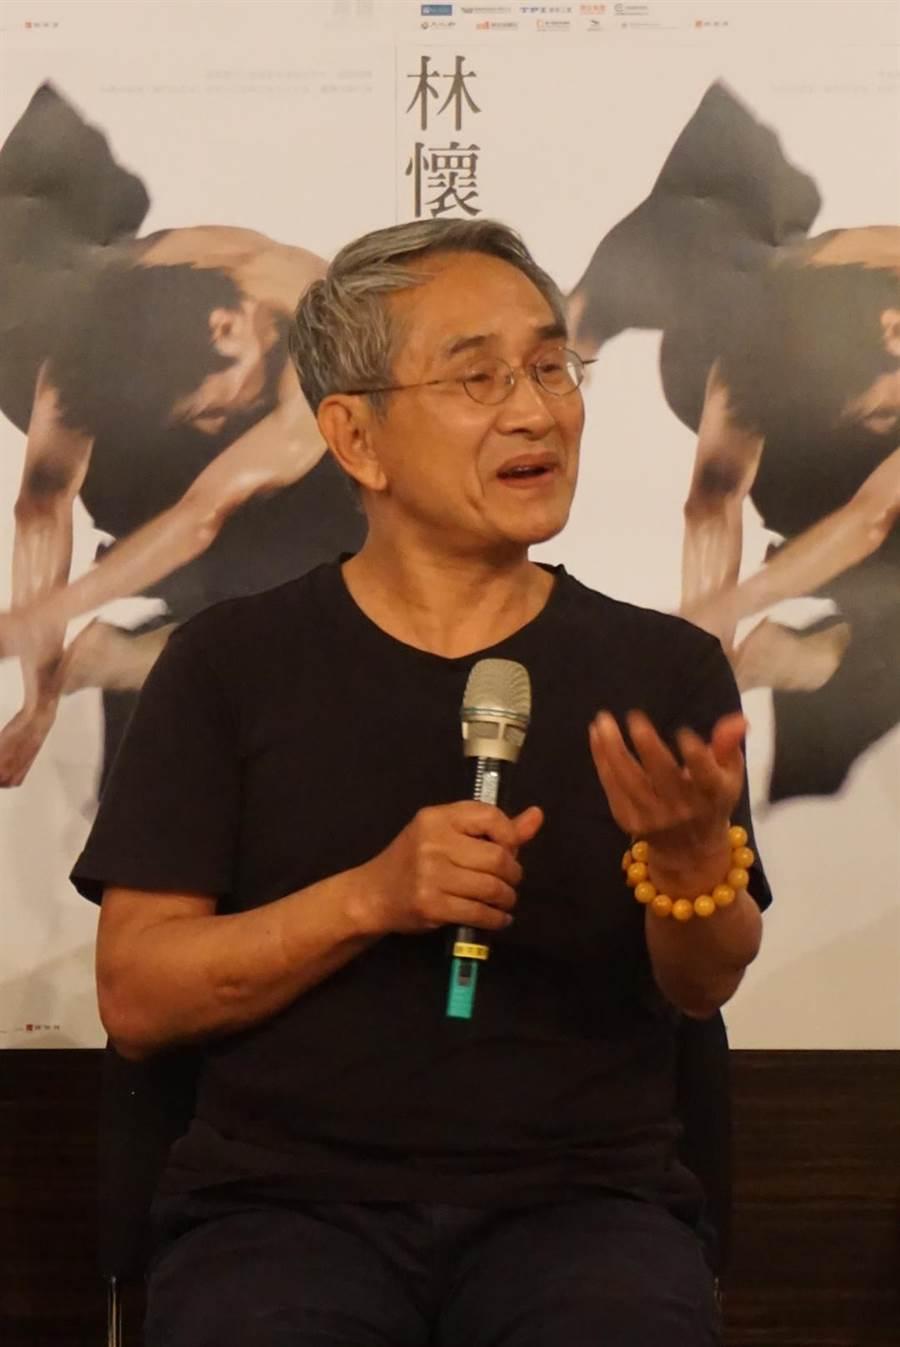 雲門舞集創辦人林懷民表示,他從土地和民眾獲得許多創作靈感,也因此他認為,從事表演藝術工作,最重要的就是要帶給觀眾快樂。(李欣恬攝)